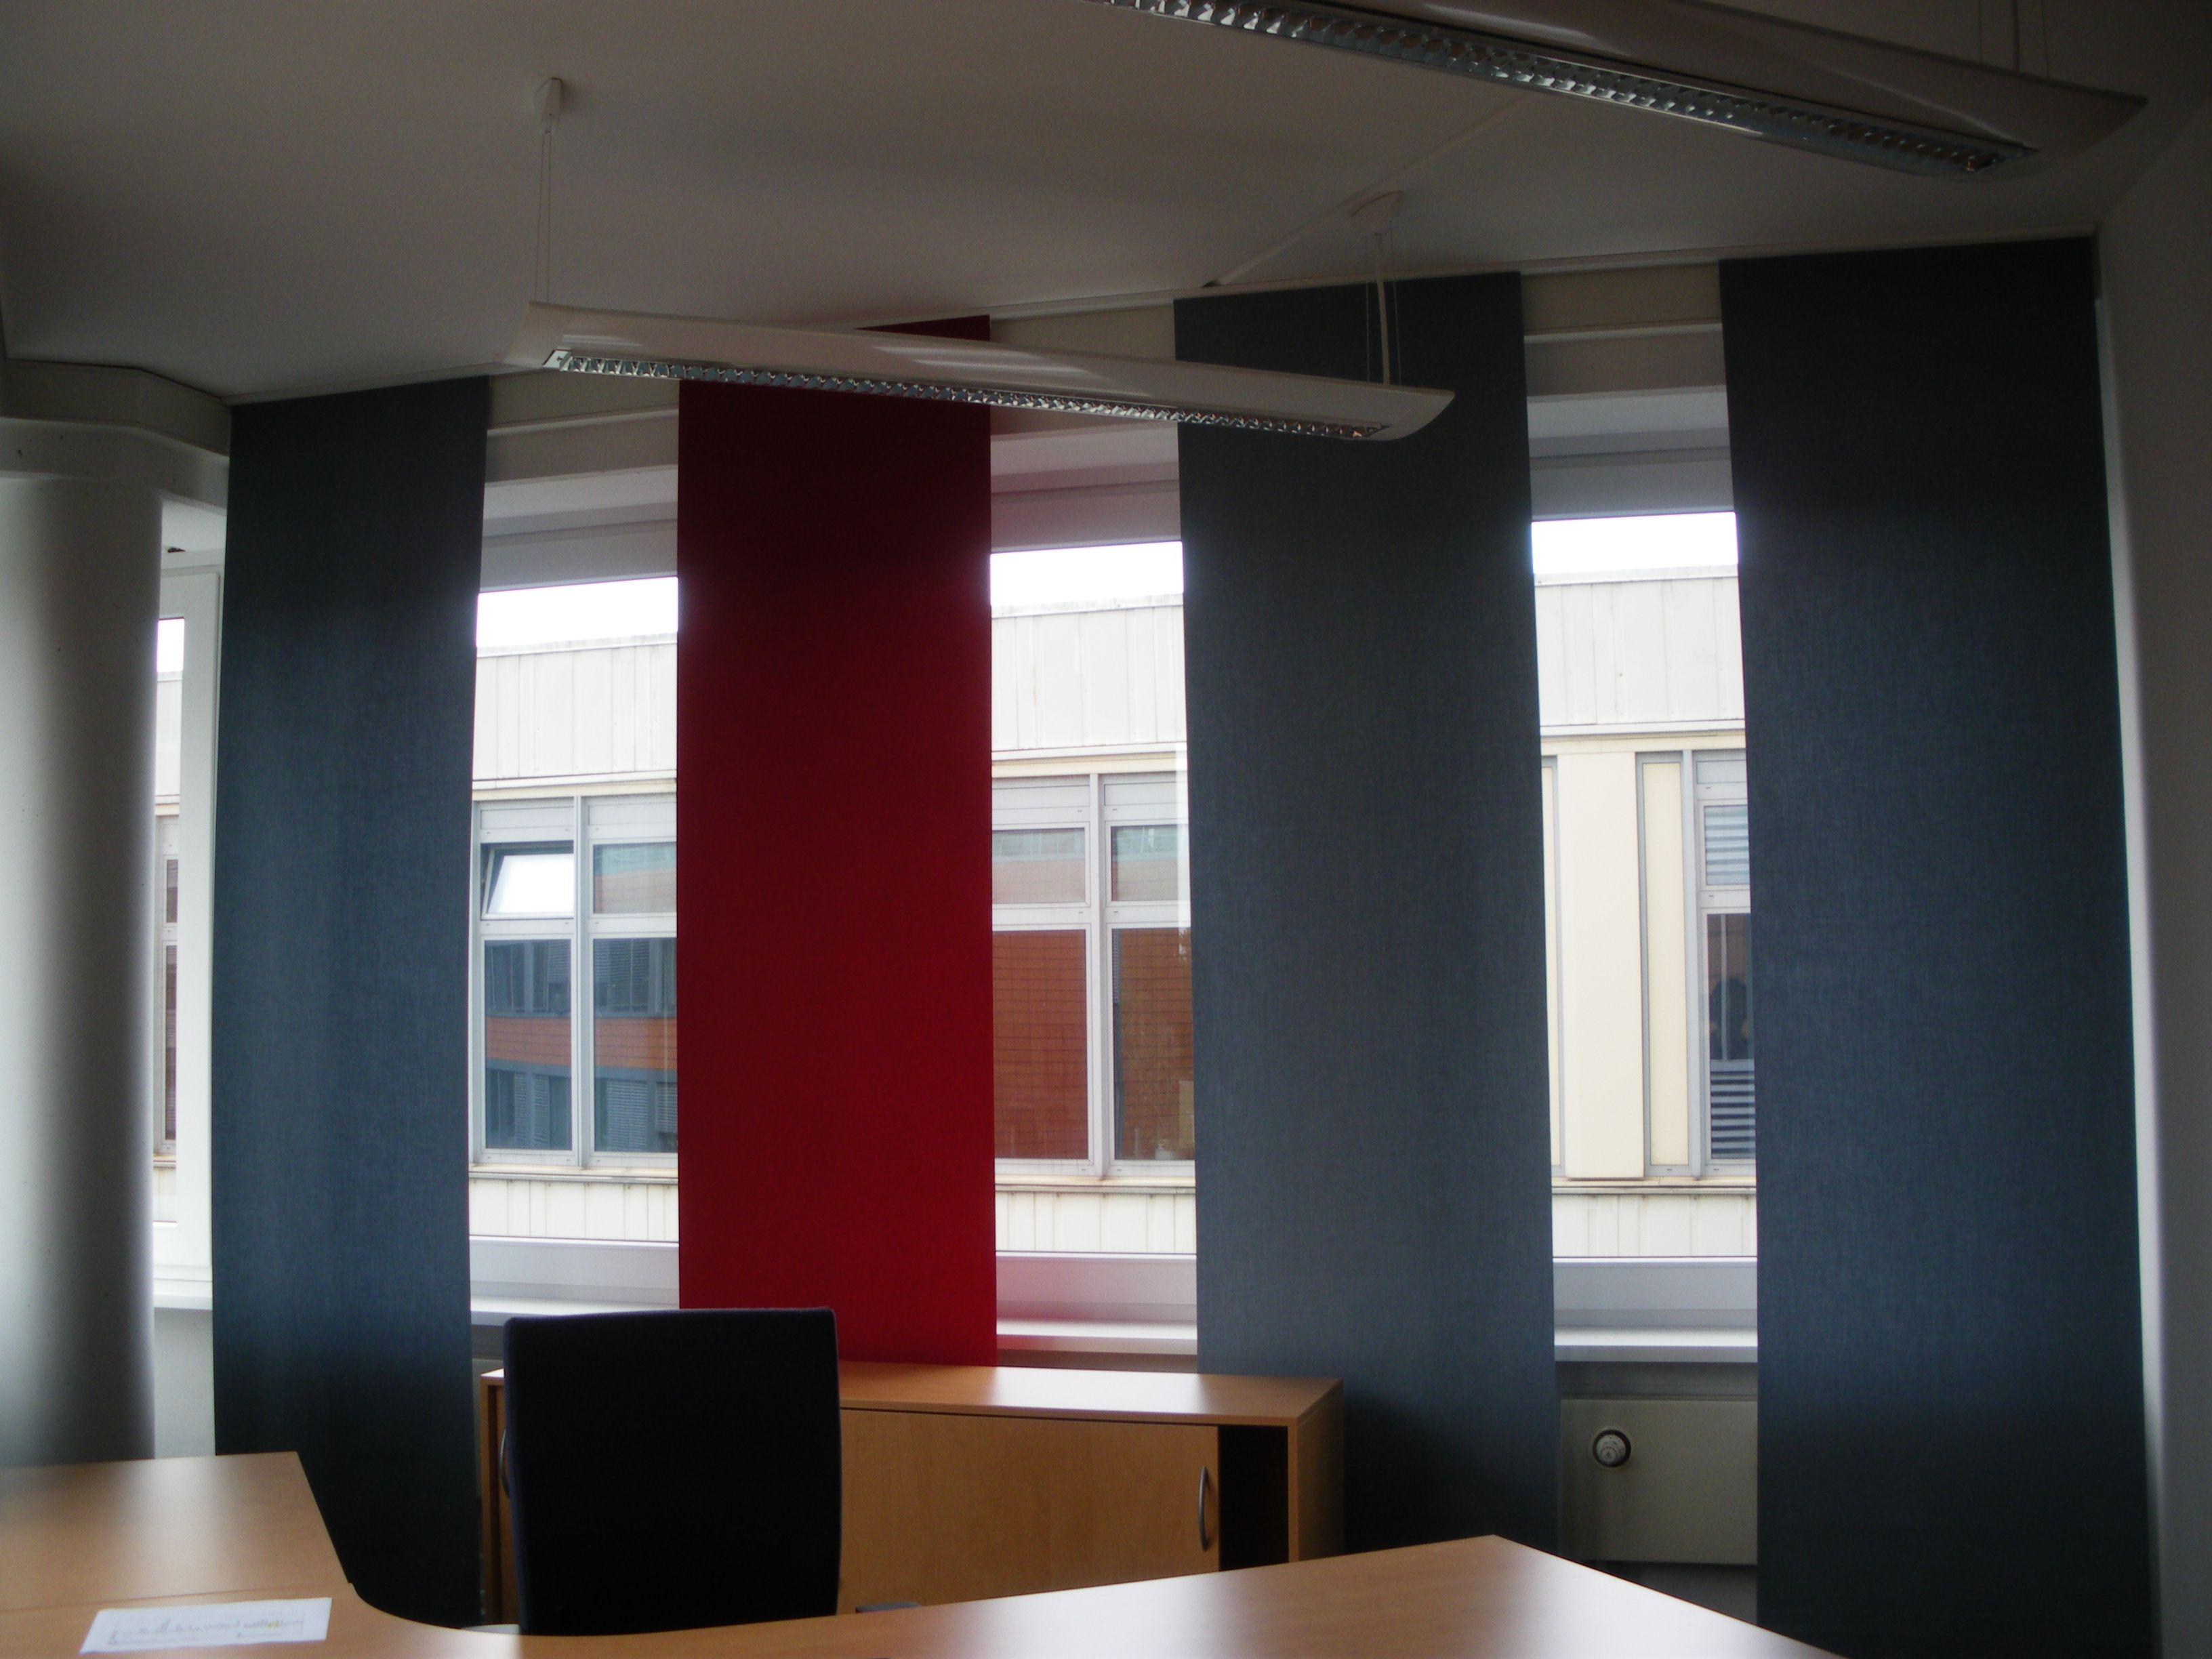 Büro mit Flächenvorhängen von ANN IDSTEIN bodenlag Bahnen